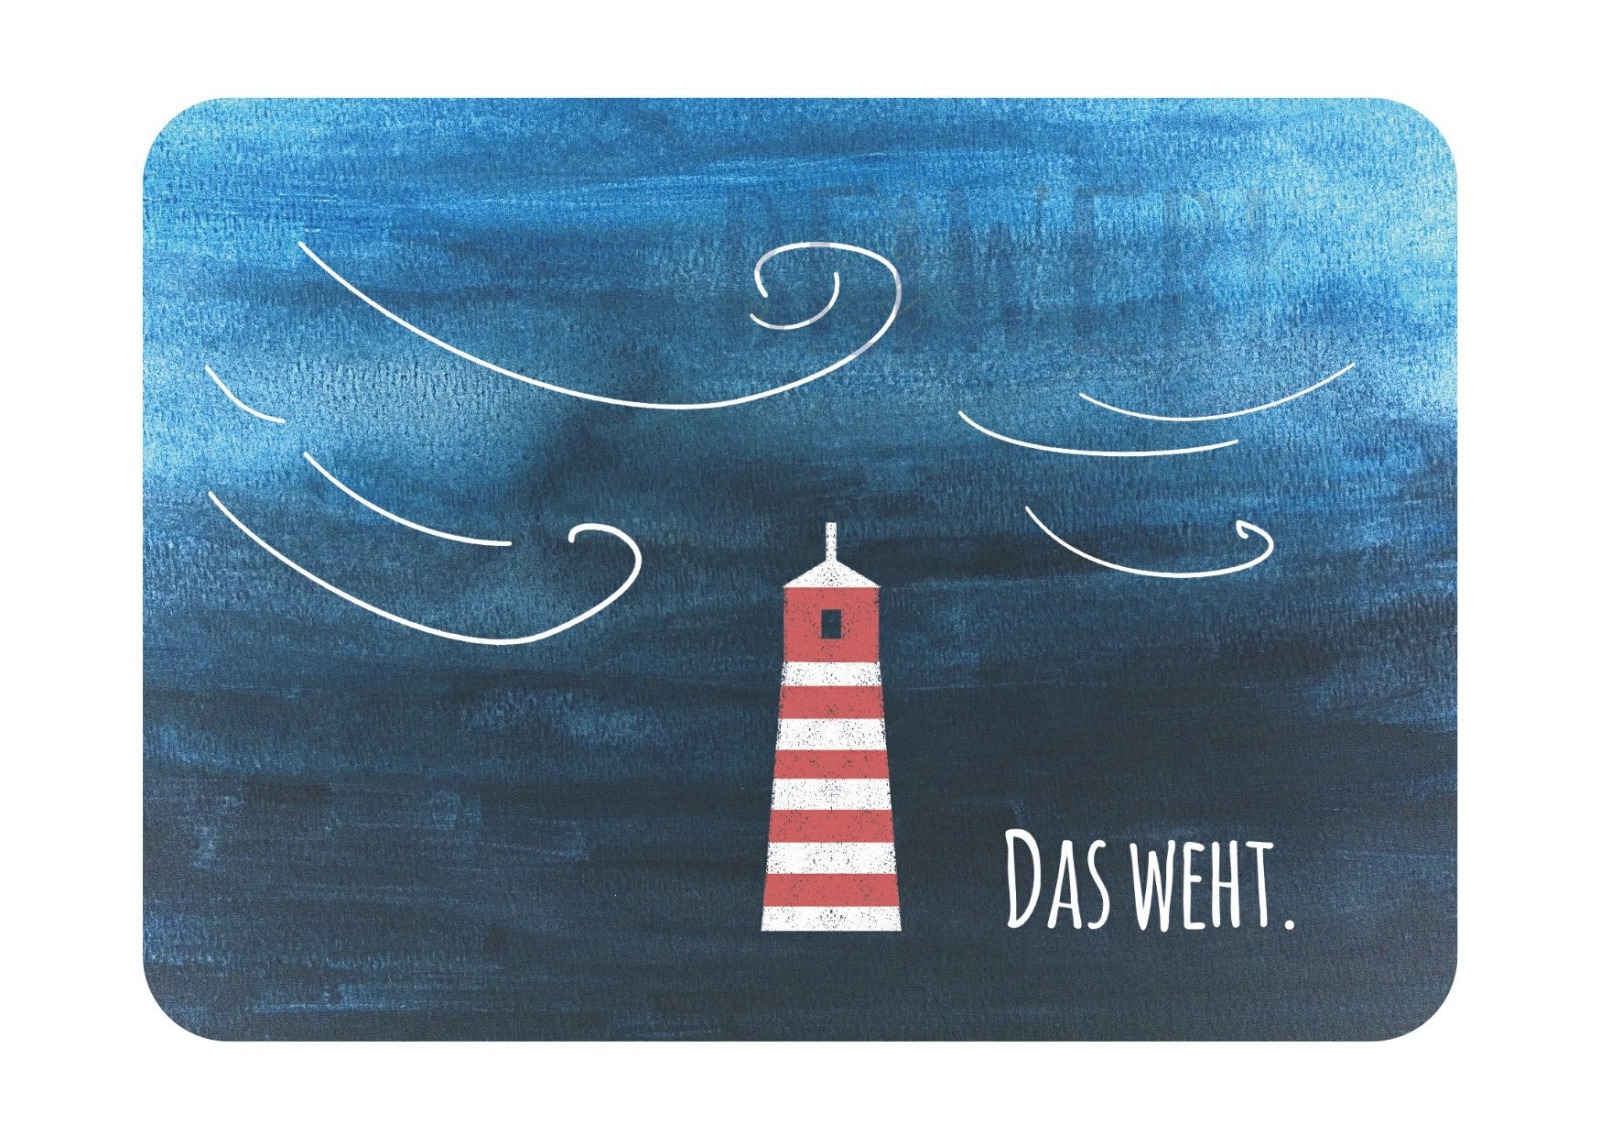 Postkarte Das weht - 1